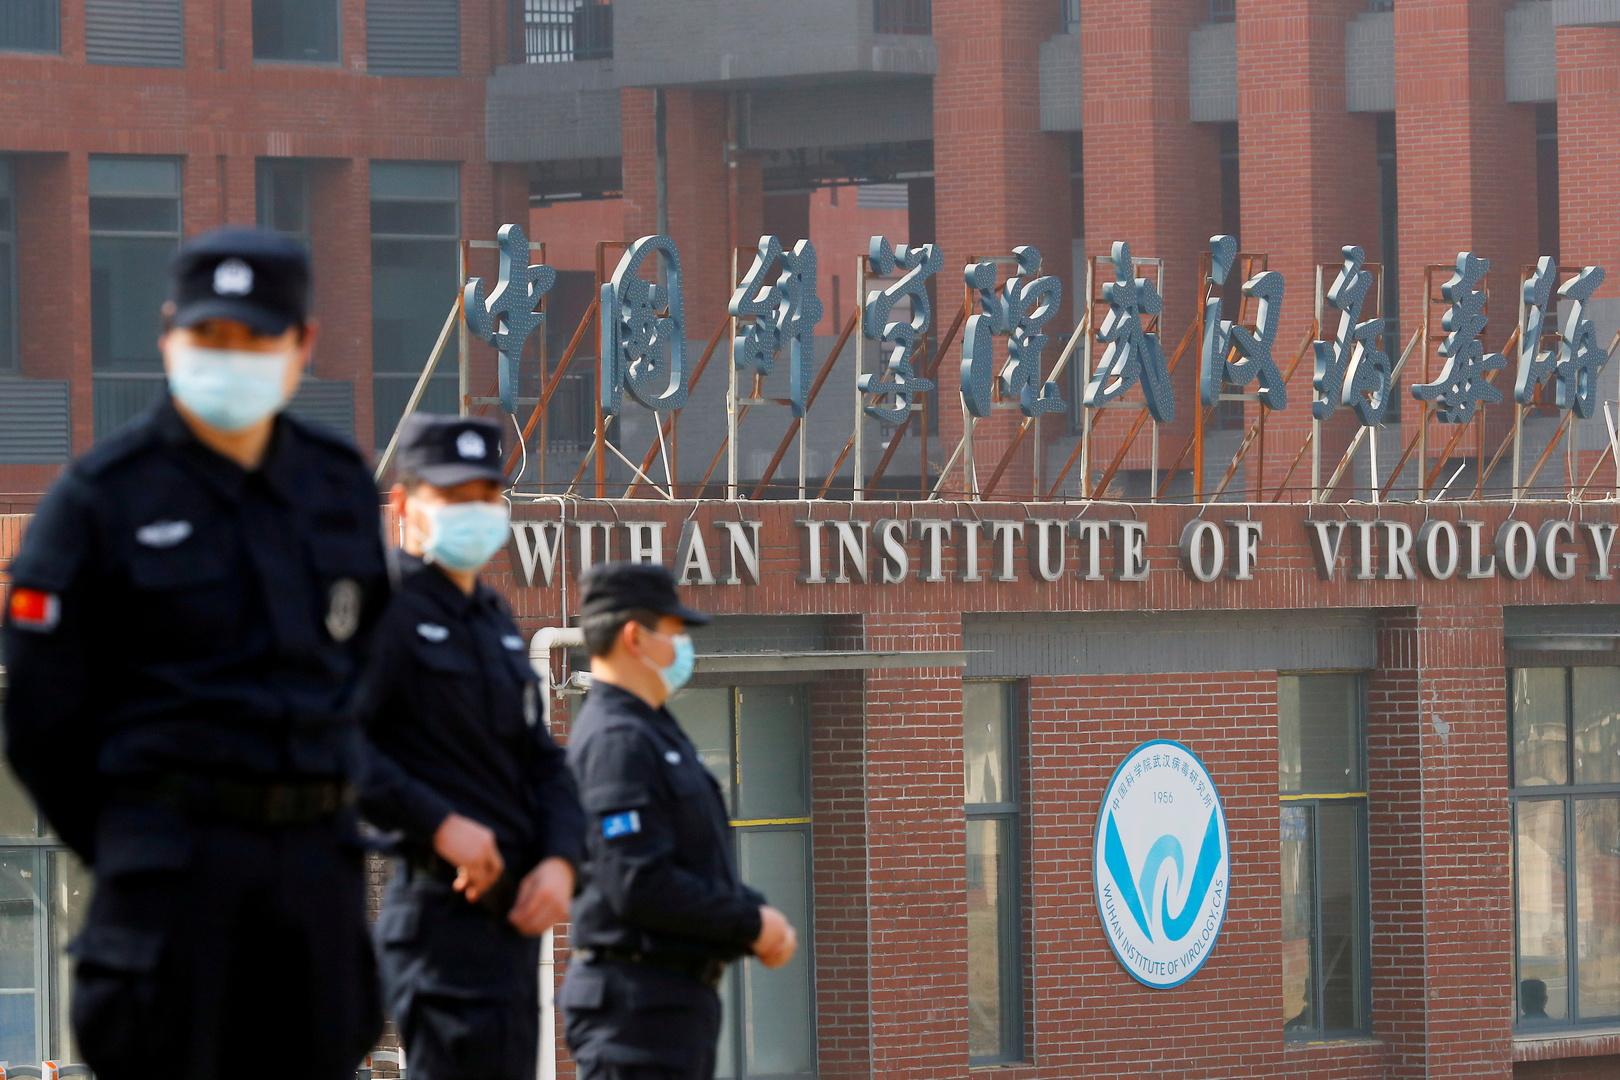 معهد ووهان ينفي صحة التقارير التي ترجح احتمال تسرب فيروس كورونا من المختبر